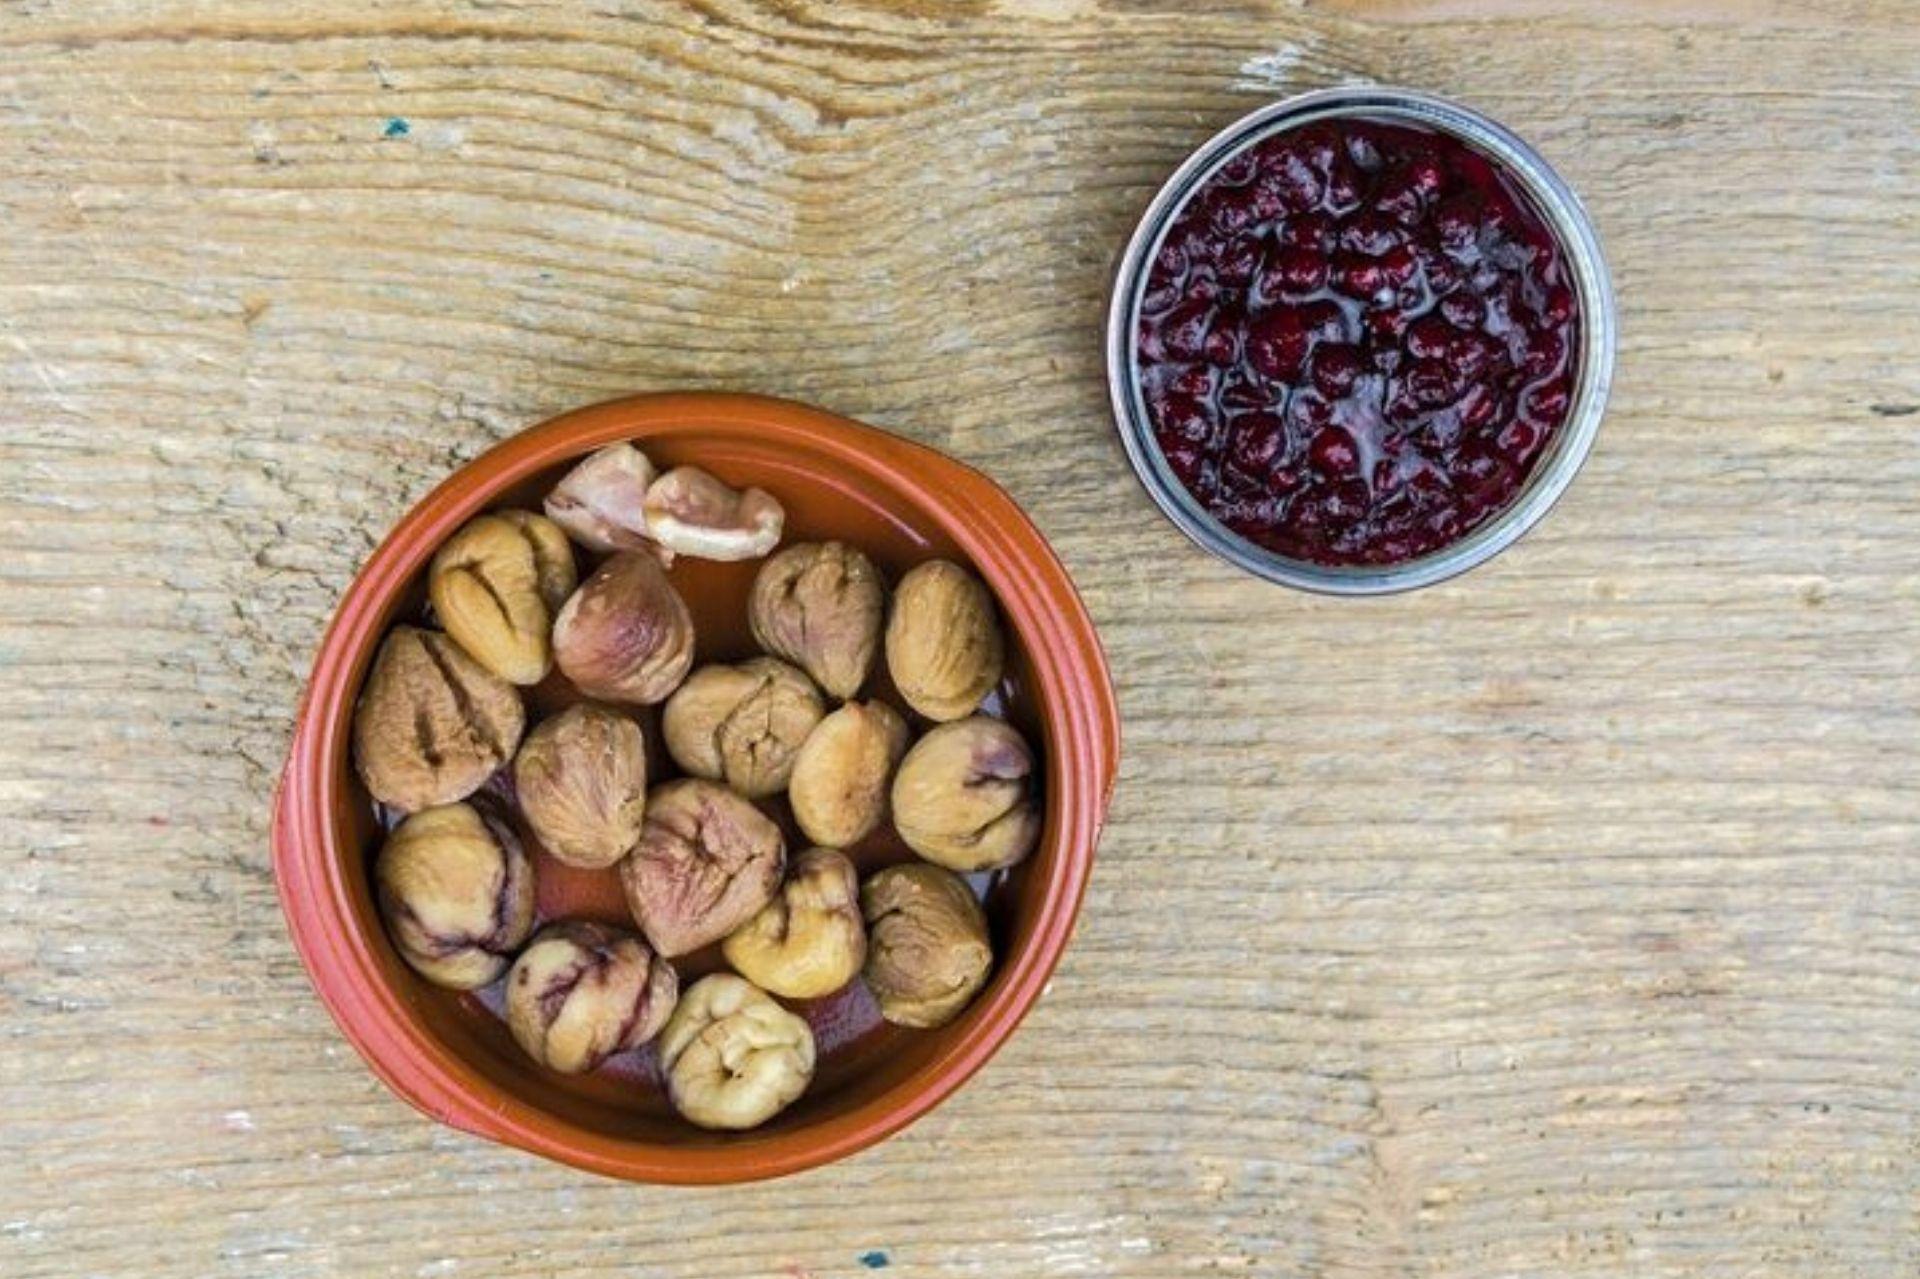 Castagne secche al vino rosso: preparazione e curiosità